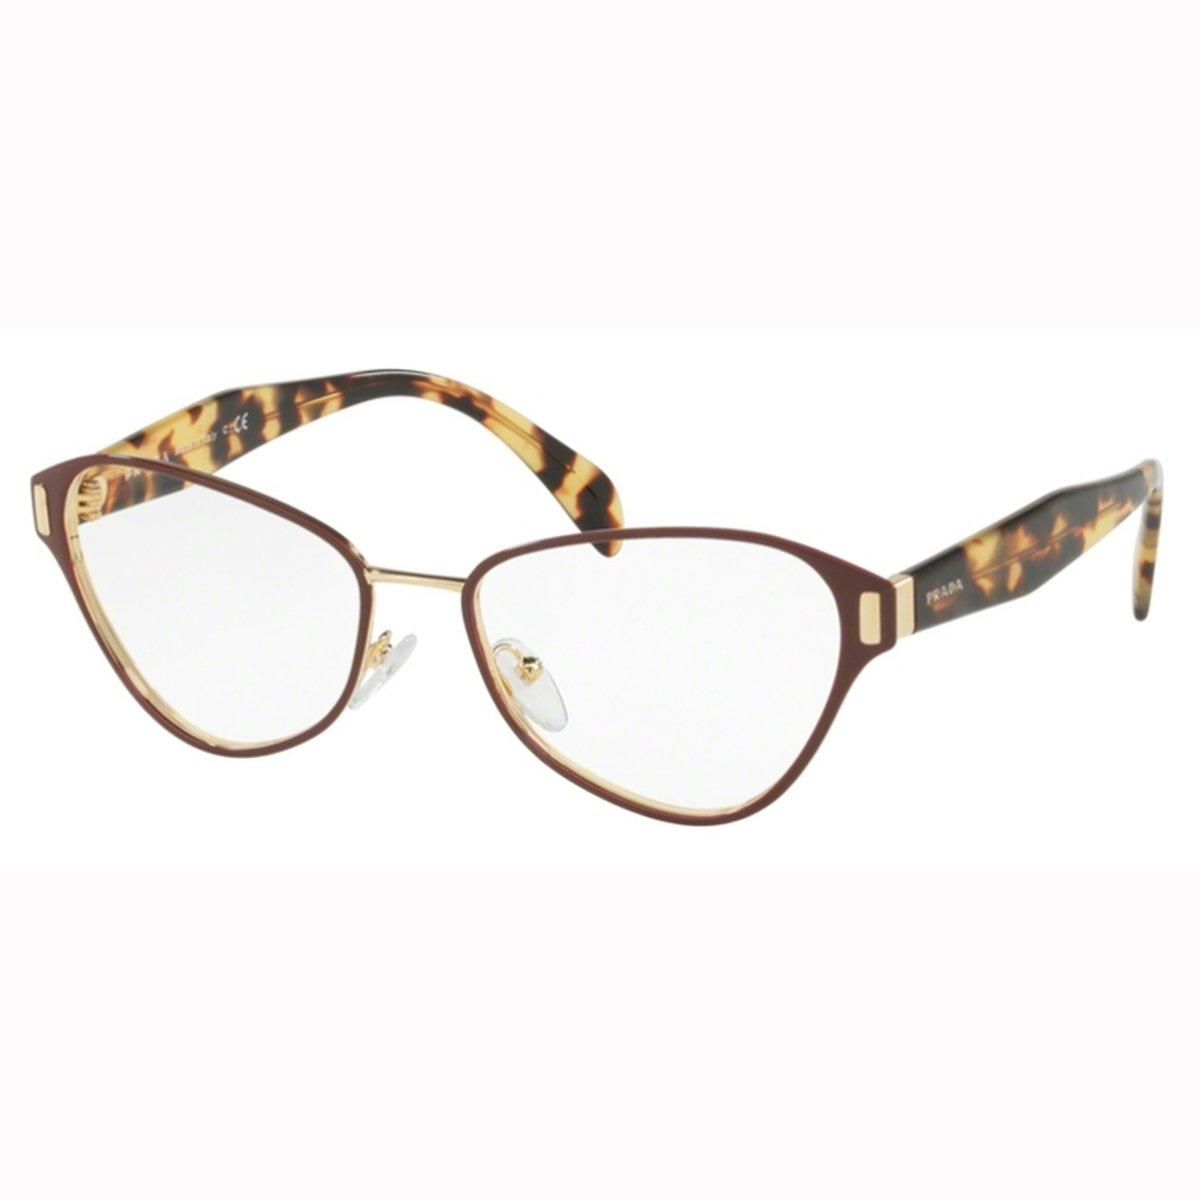 ... Compre Óculos de Grau Prada em 10X Tri-Jóia Shop 5bf7fc6d675108 ... c0638f94f9